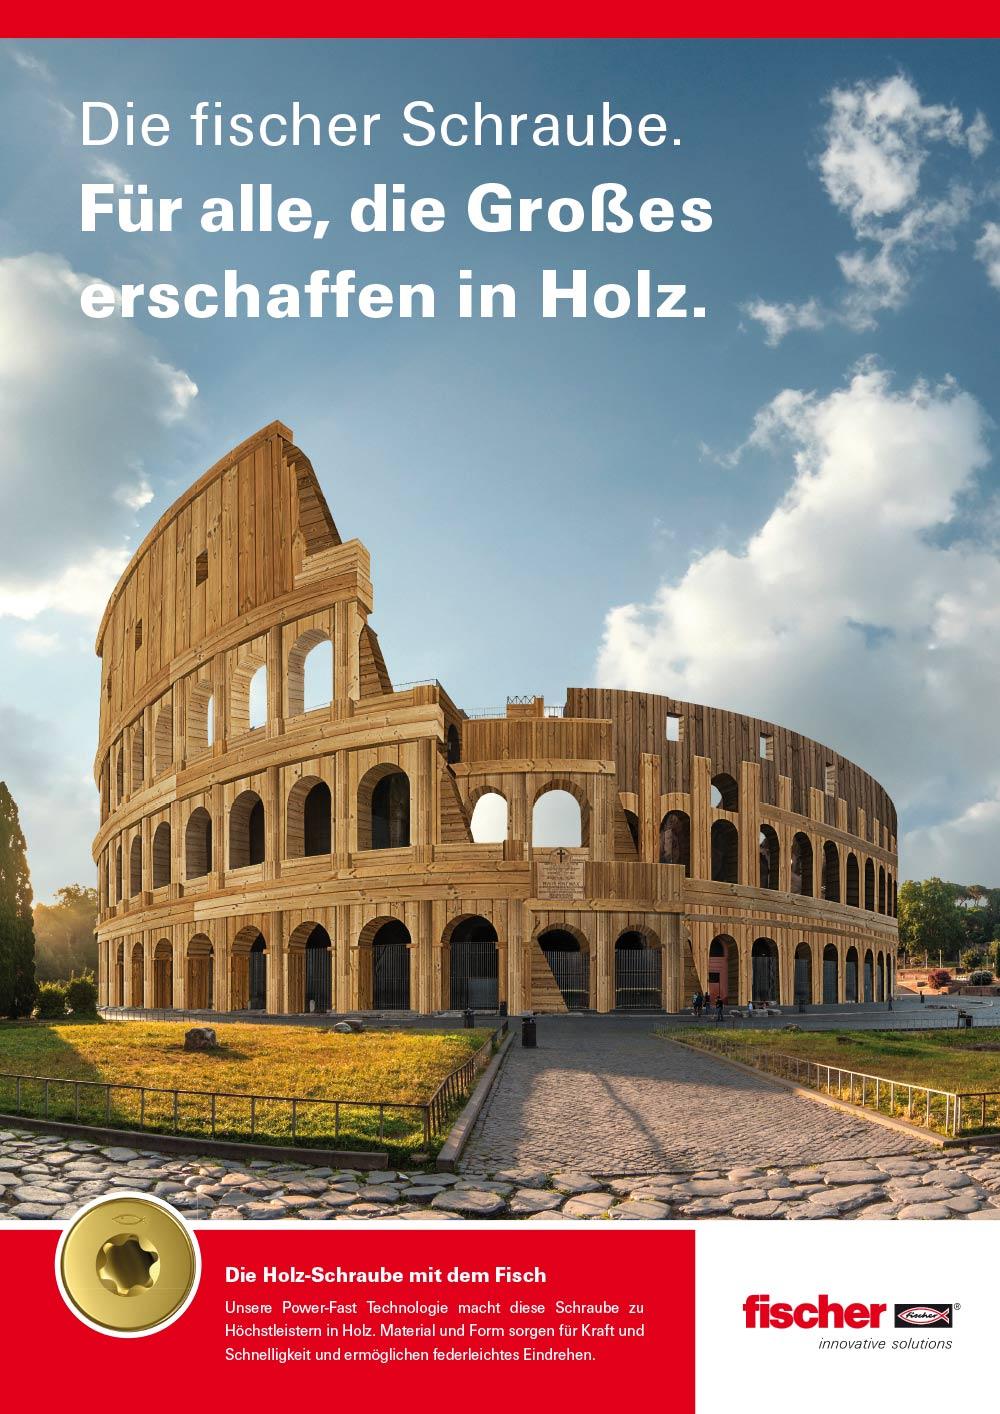 fischer_Holz_Schrauben_Anzeige_Colosseum